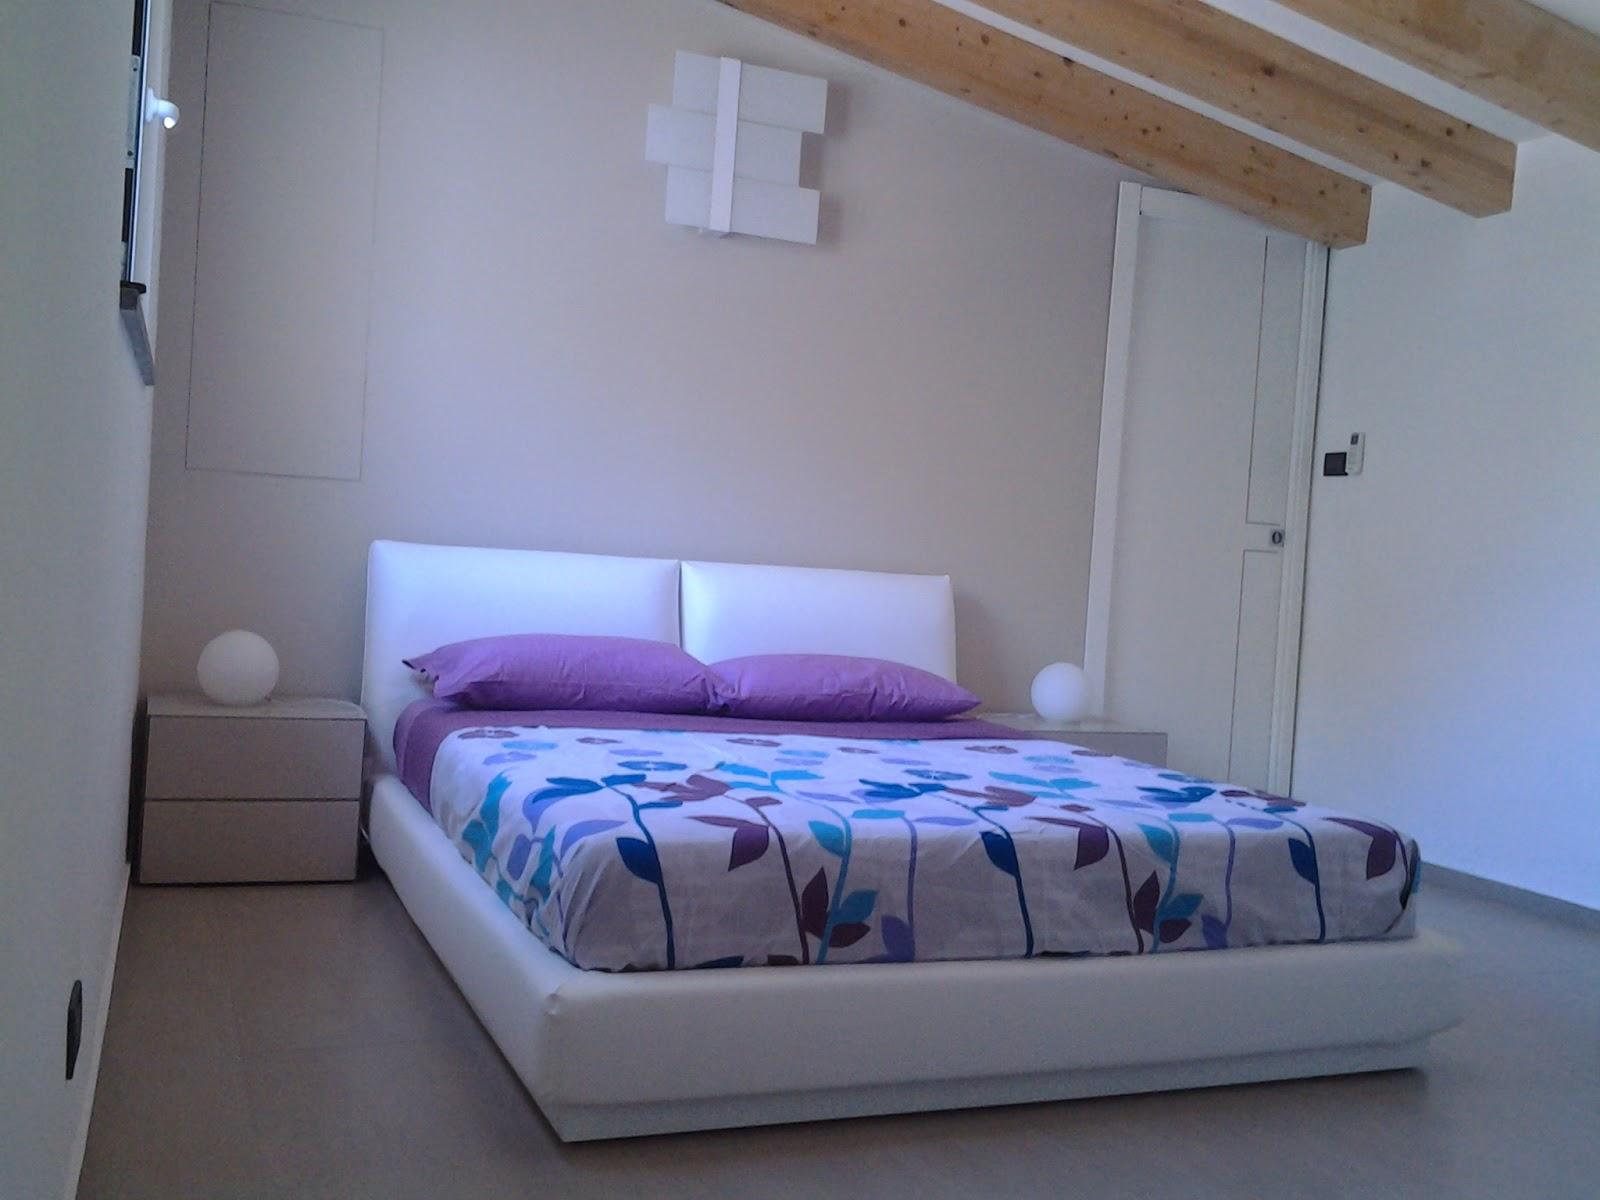 Architetto gaetano frud stanza da letto moderna for Stanza da letto moderna